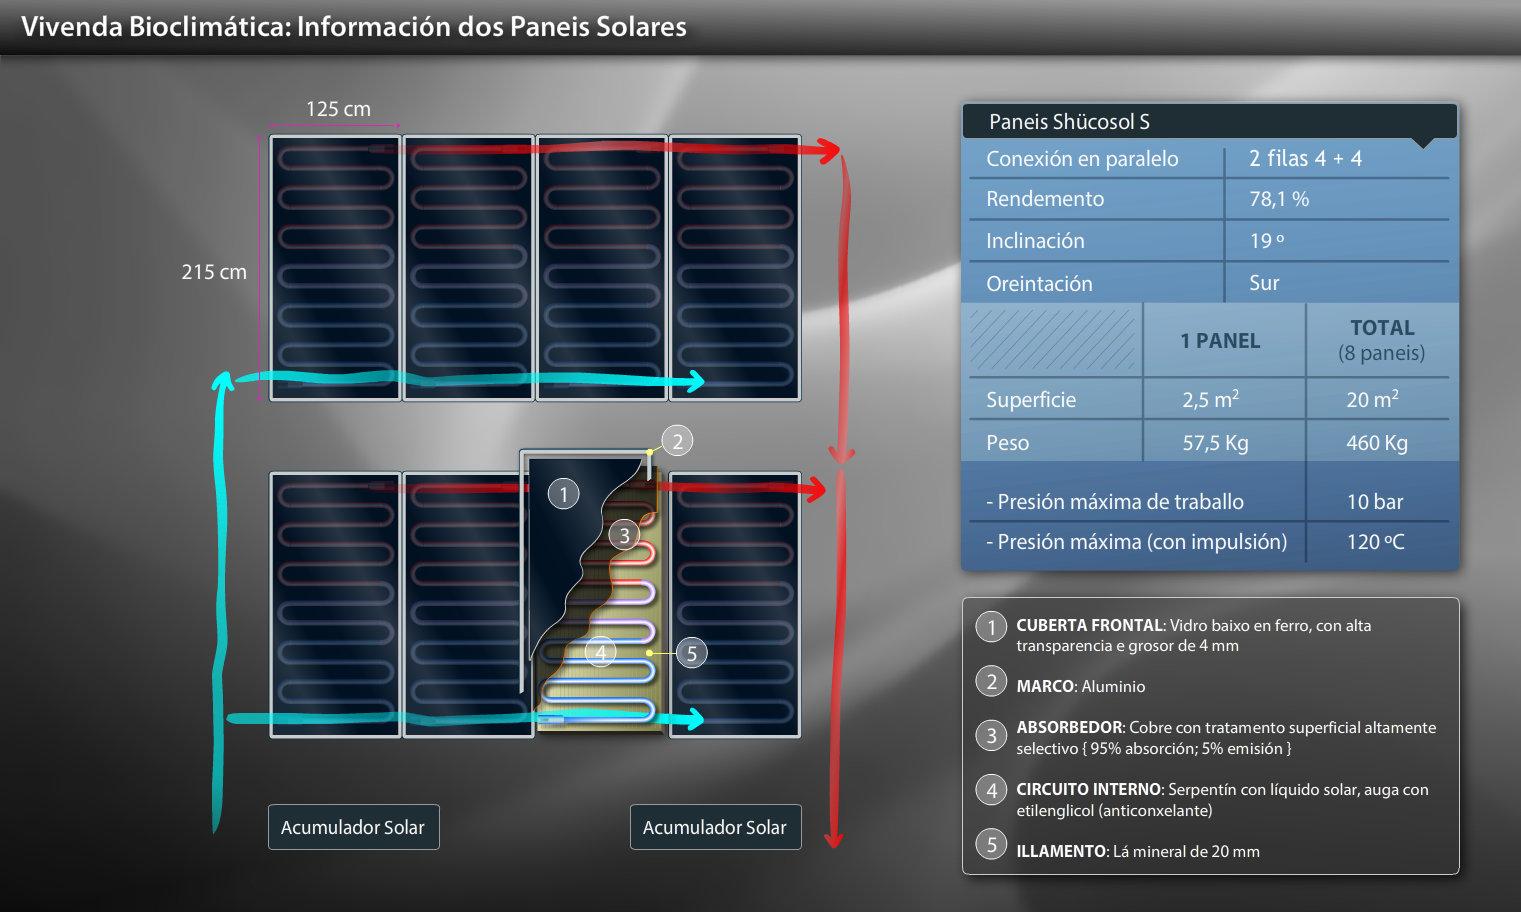 Paneis solares térmicos da vivenda bioclimática